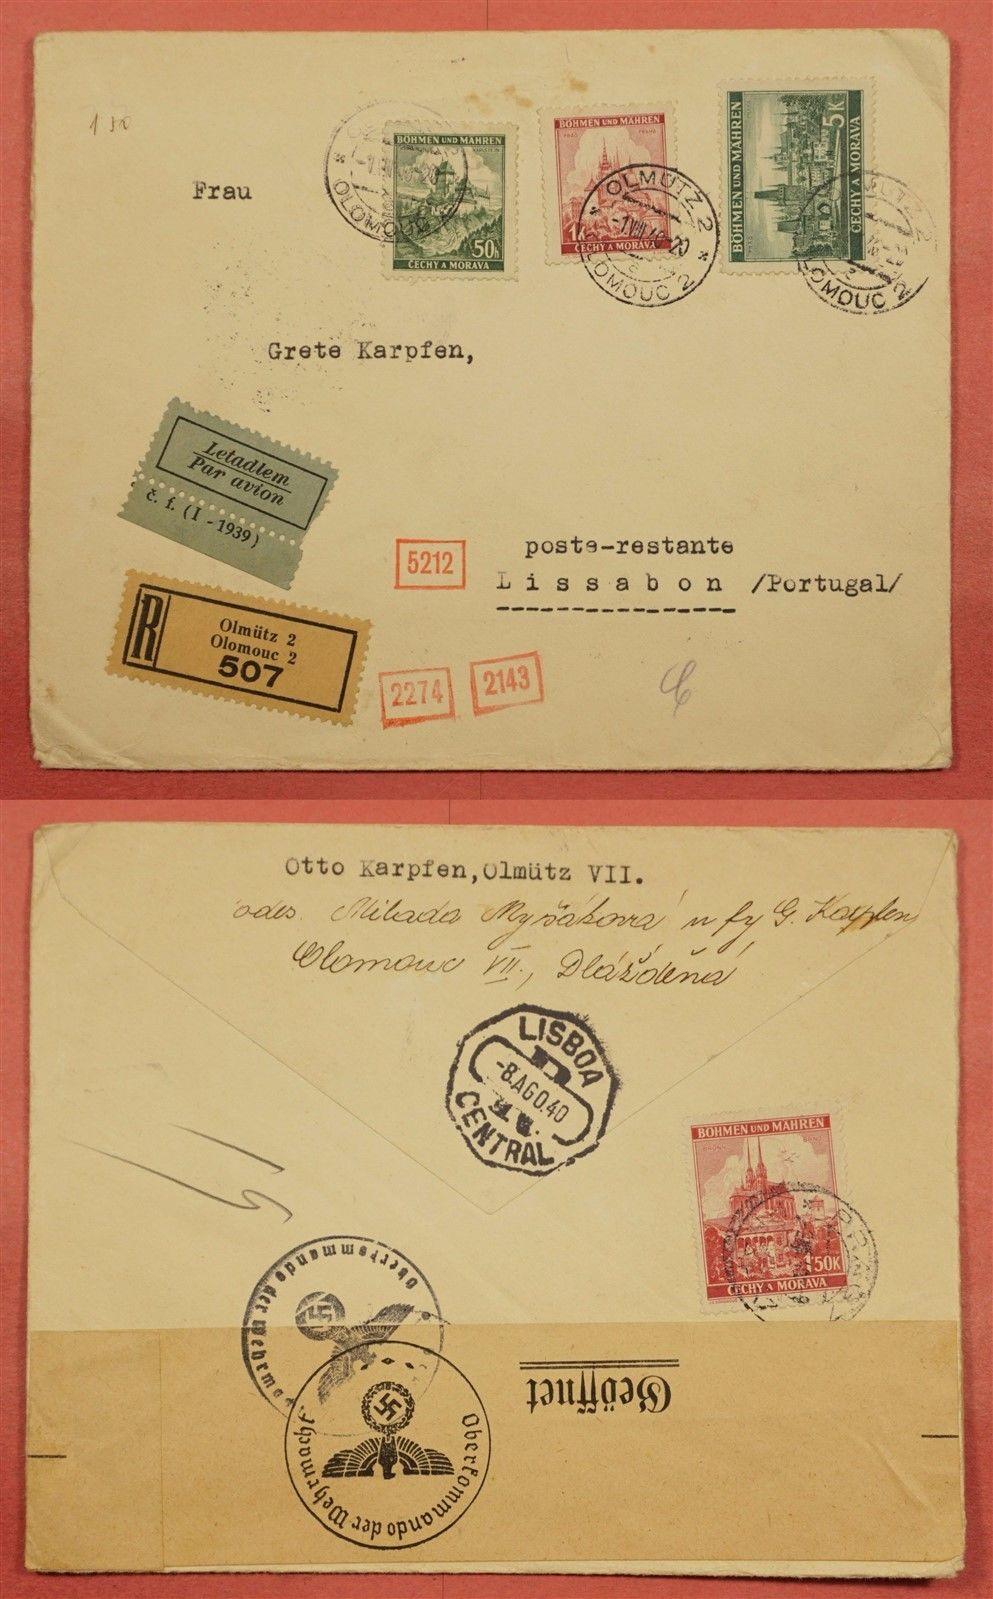 KARPFEN letter